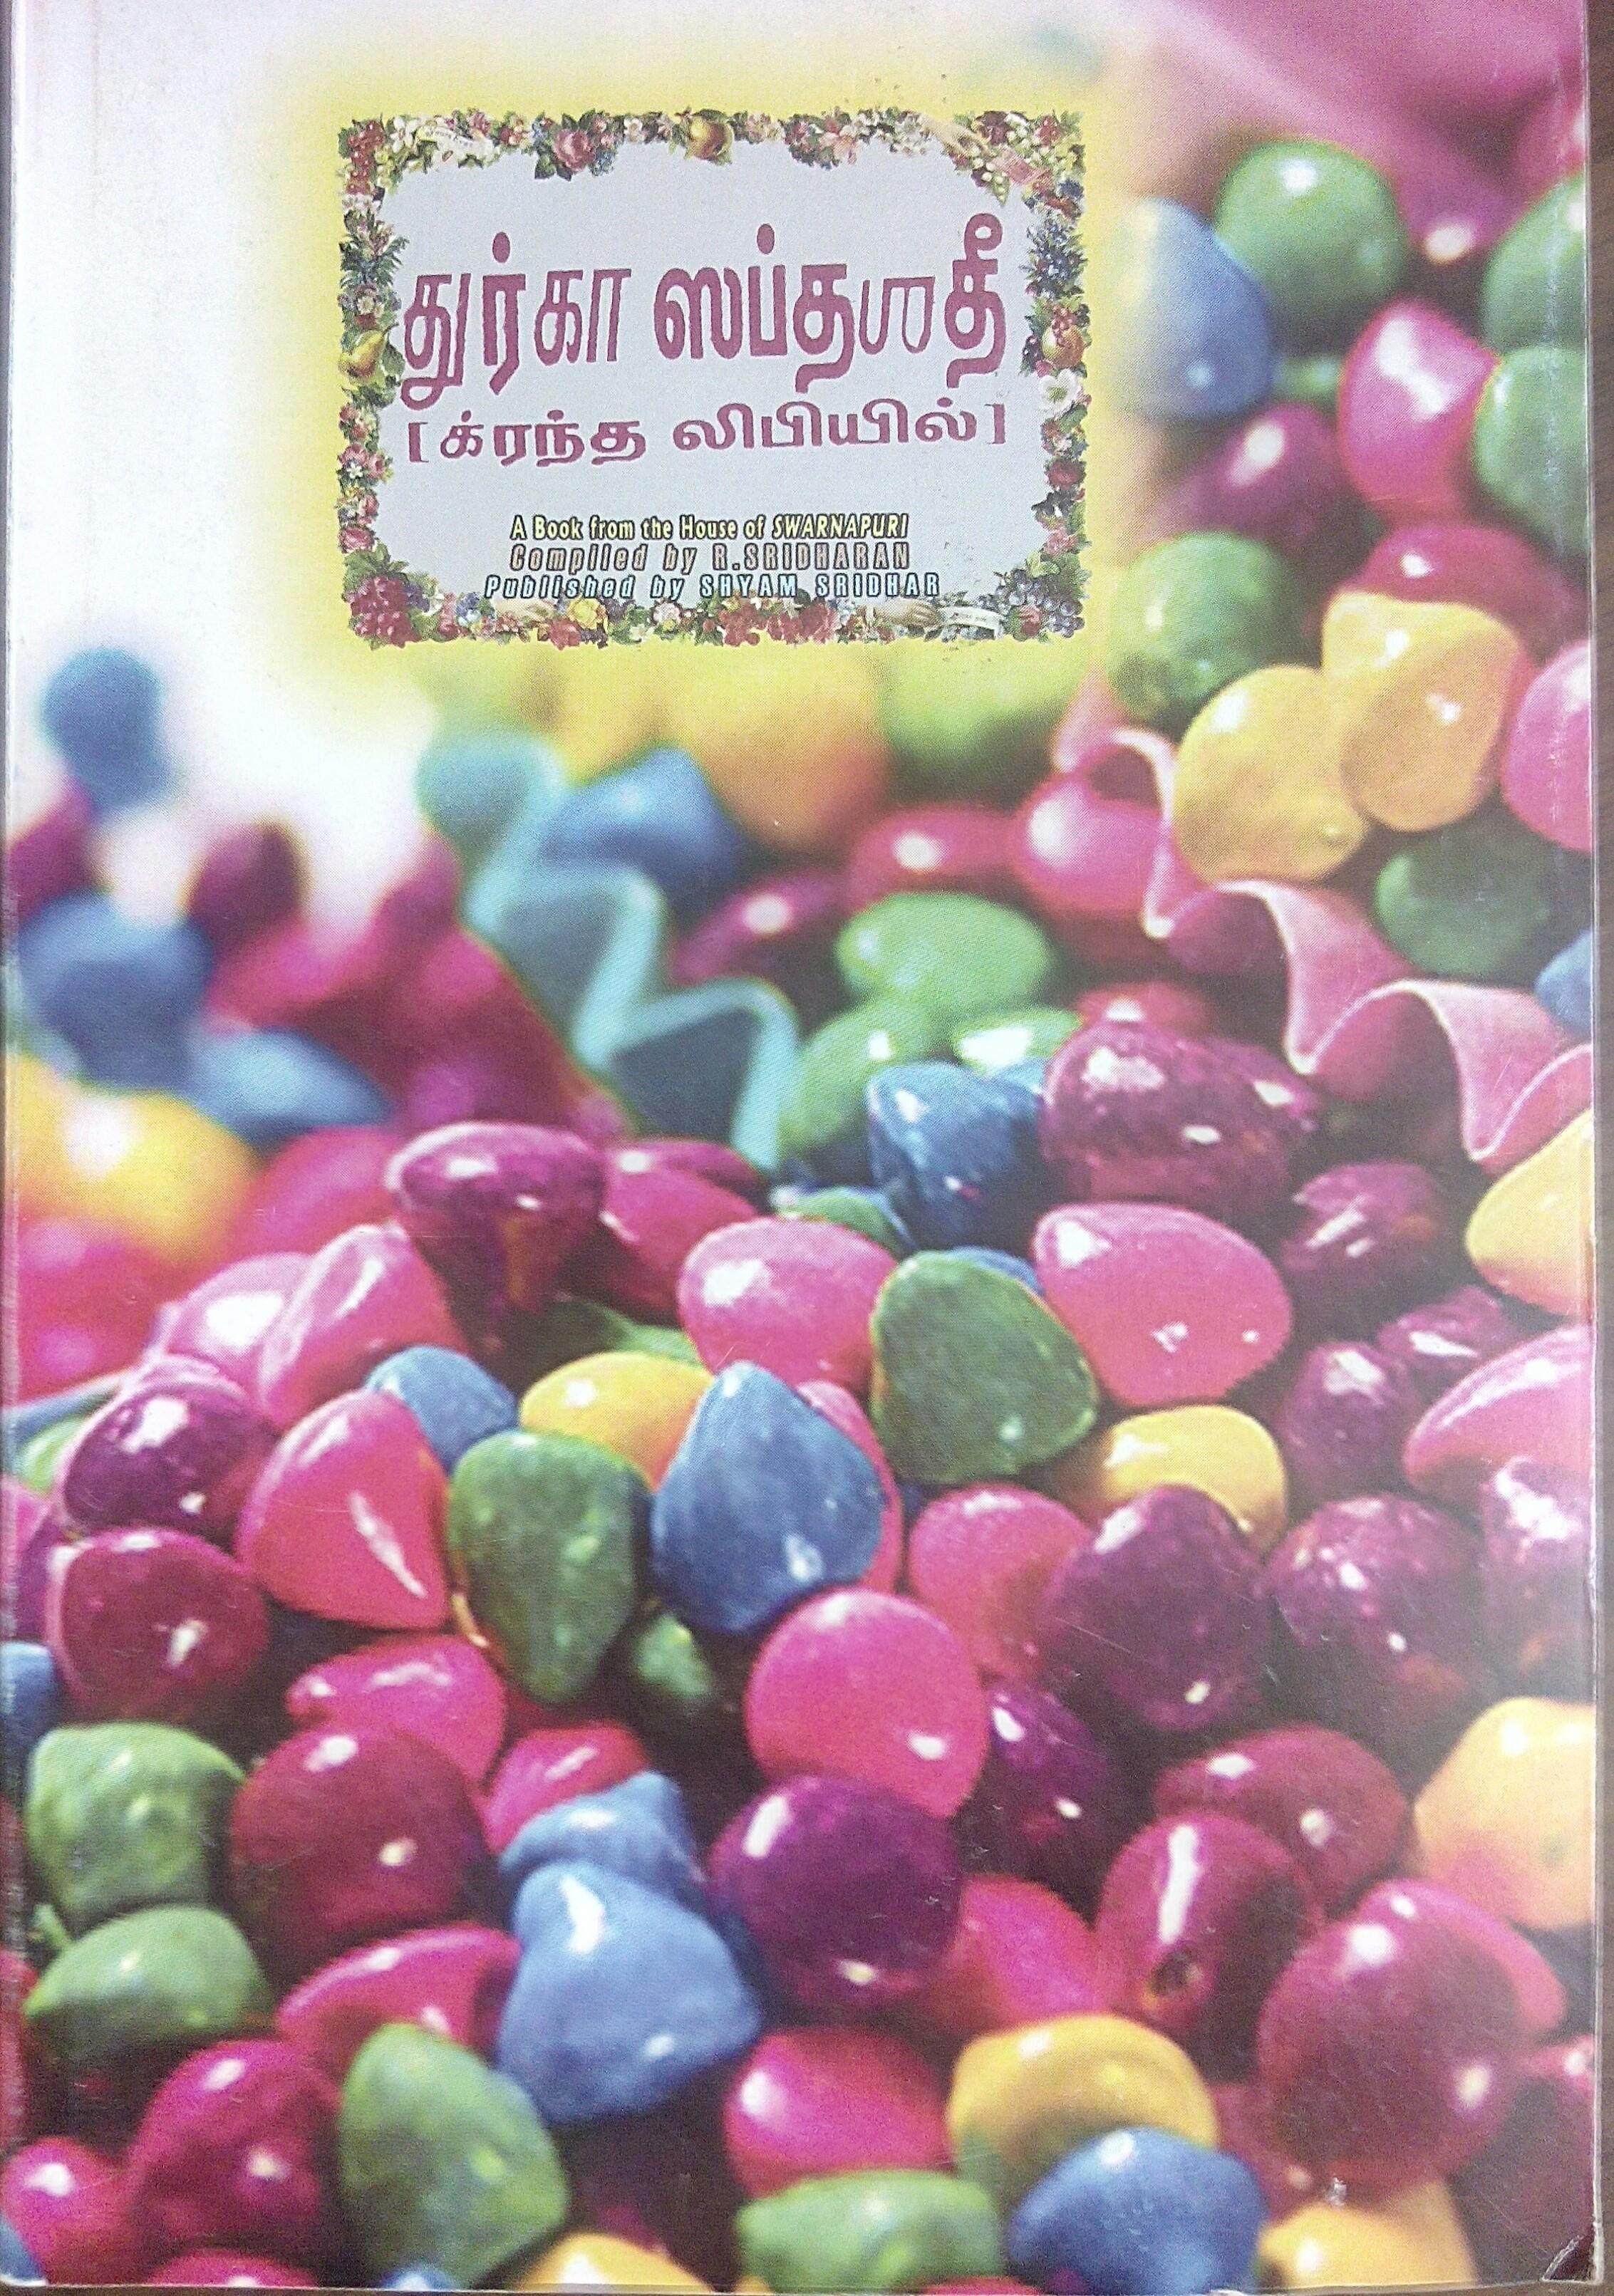 துர்கா ஸப்த்சதீ